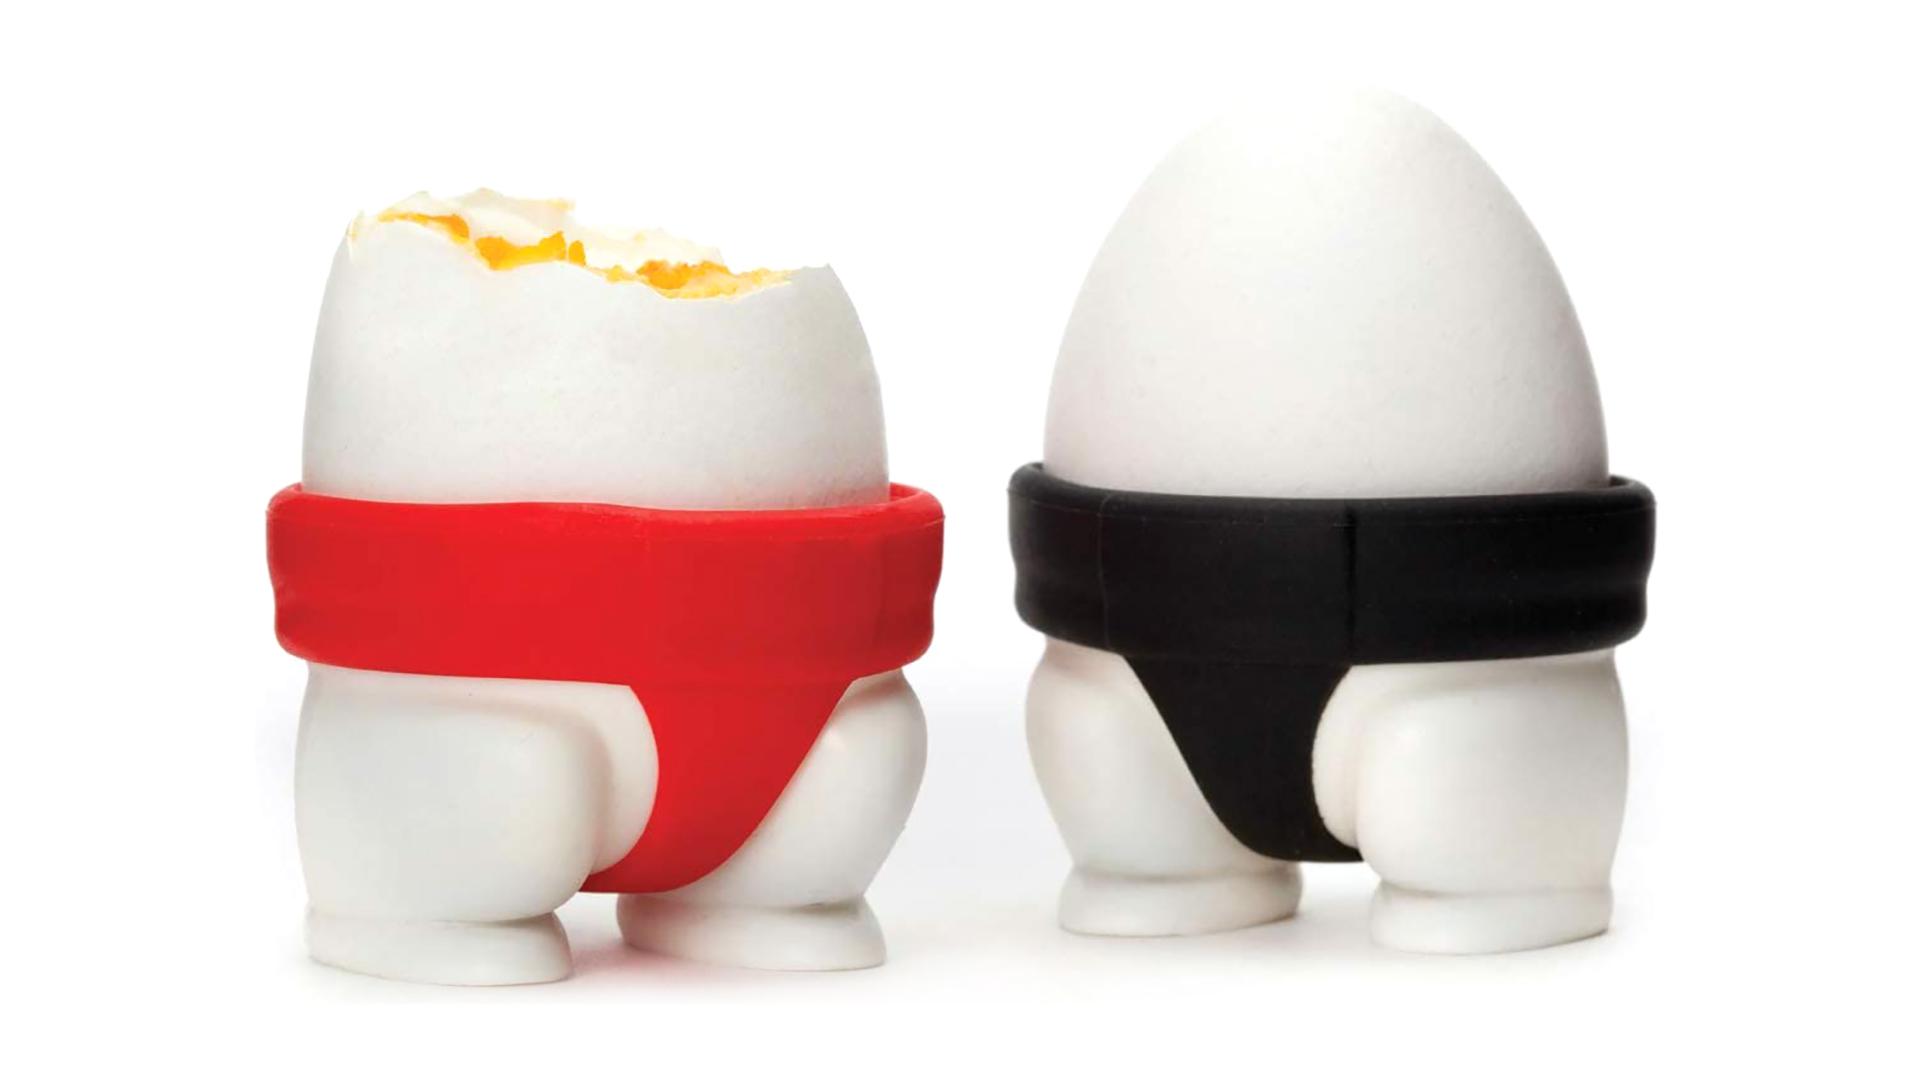 Ustensiles de cuisine drôles Porte-oeufs de silicone Sumo Pantalons Design Titulaires de tasse d'œufs DH-Silicone